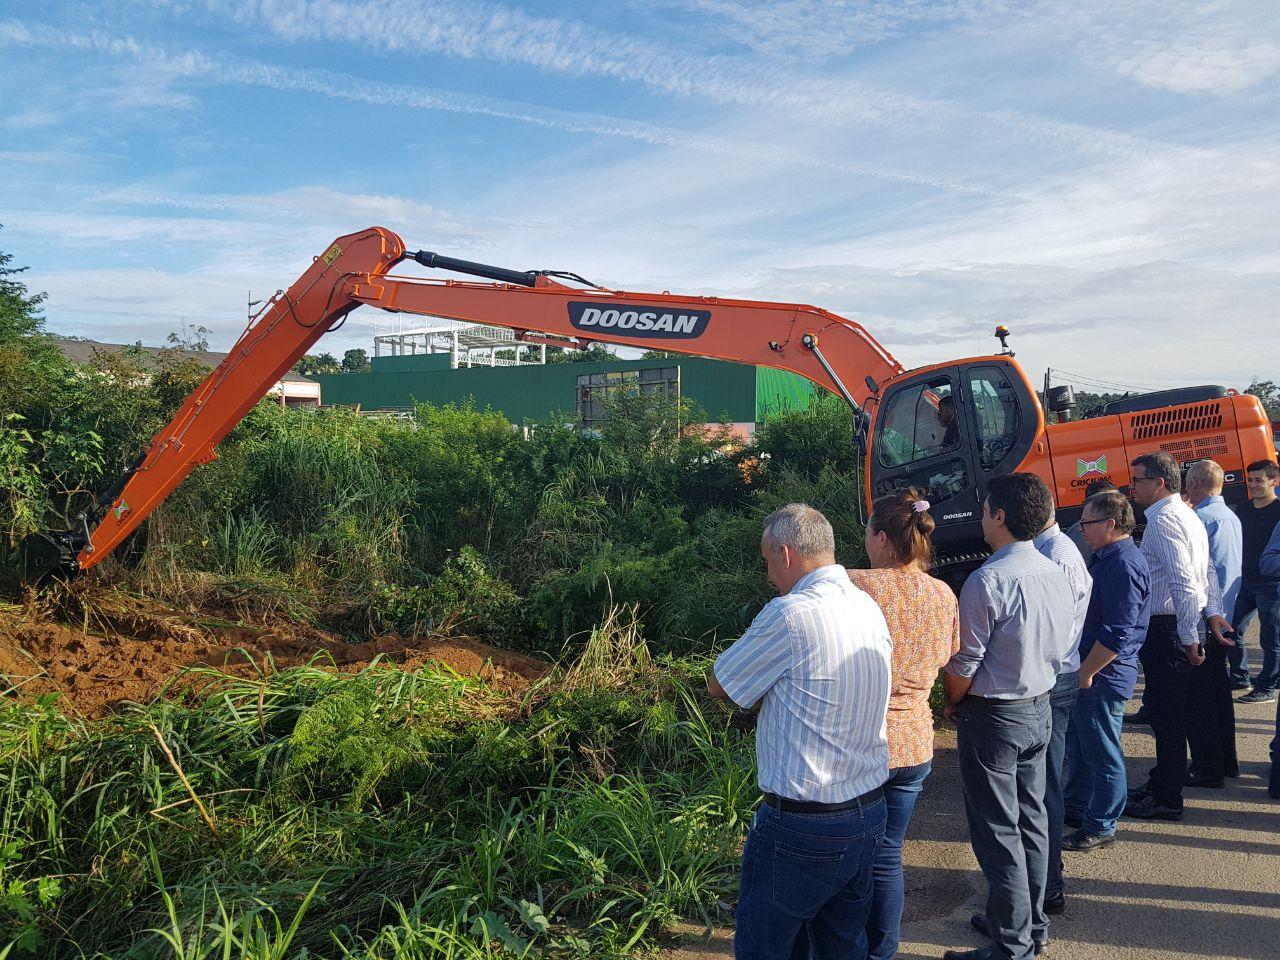 Prefeitura Municipal de Criciúma - Prefeitura inicia trabalho de desassoreamento do Rio Linha Anta